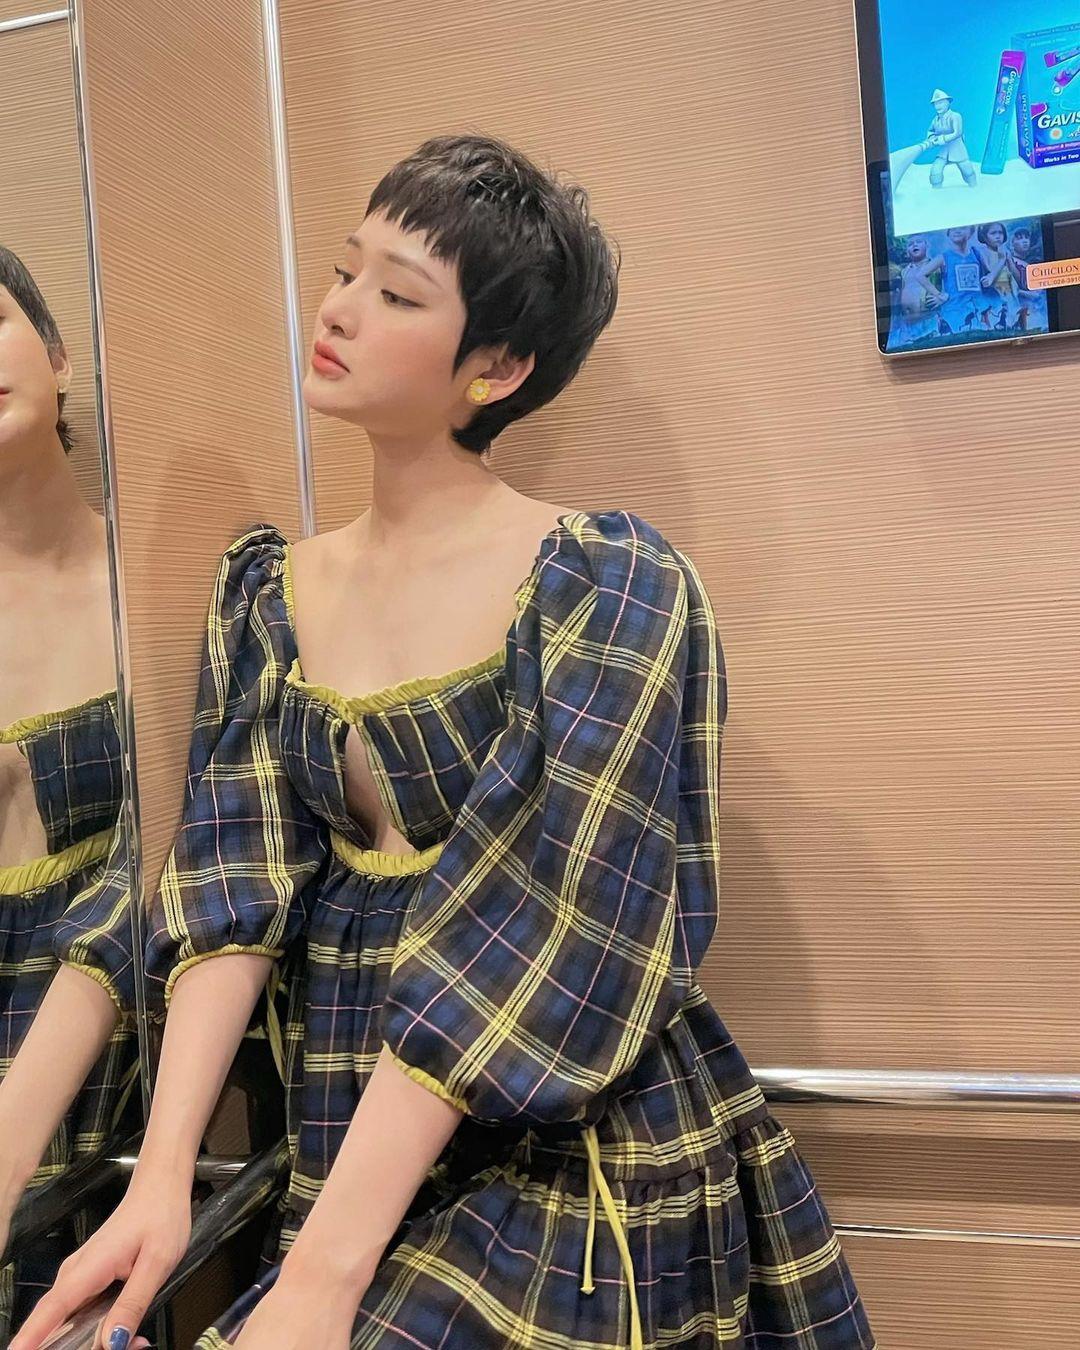 Hiền Hồ chăm chỉ săn đồ từ các local brand Việt để sở hữu váy áo xinh xắn mà không tốn quá nhiều chi phí. Chiếc đầm caro của Aeie Studios mang đến cho nữ ca sĩ vẻ trẻ trung.